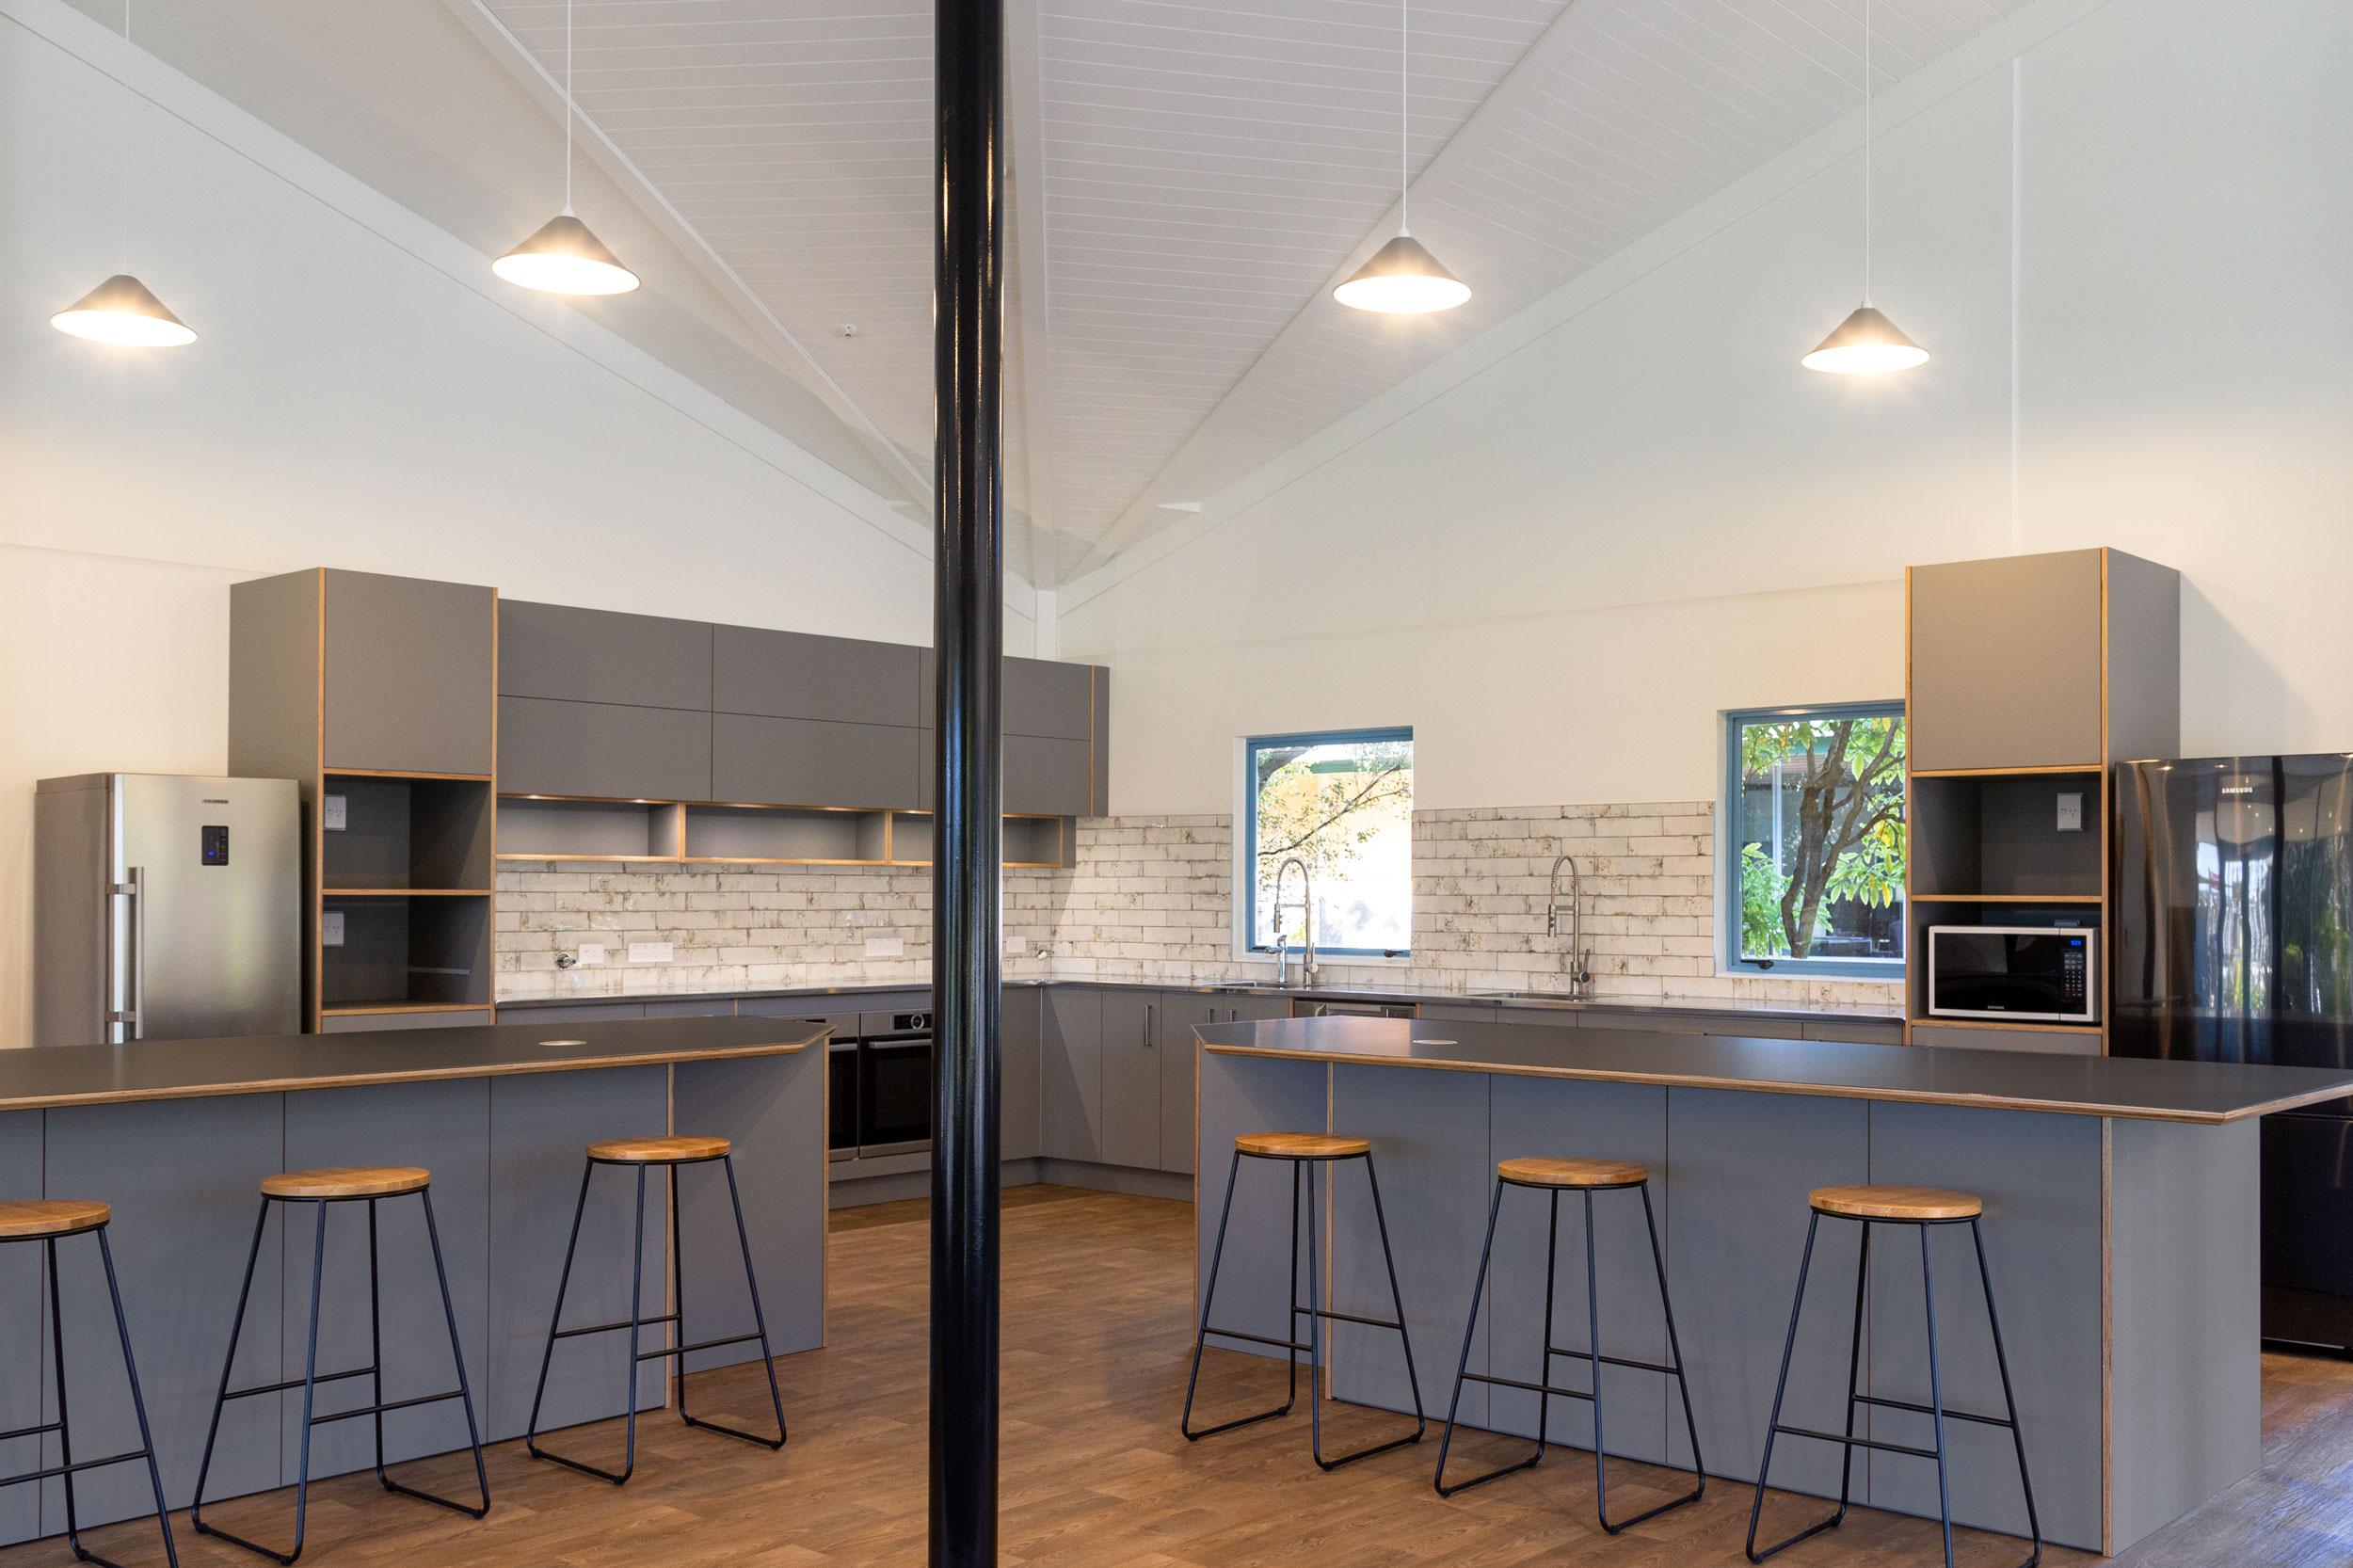 Jack Bradbrook - Interior Fittings Ltd